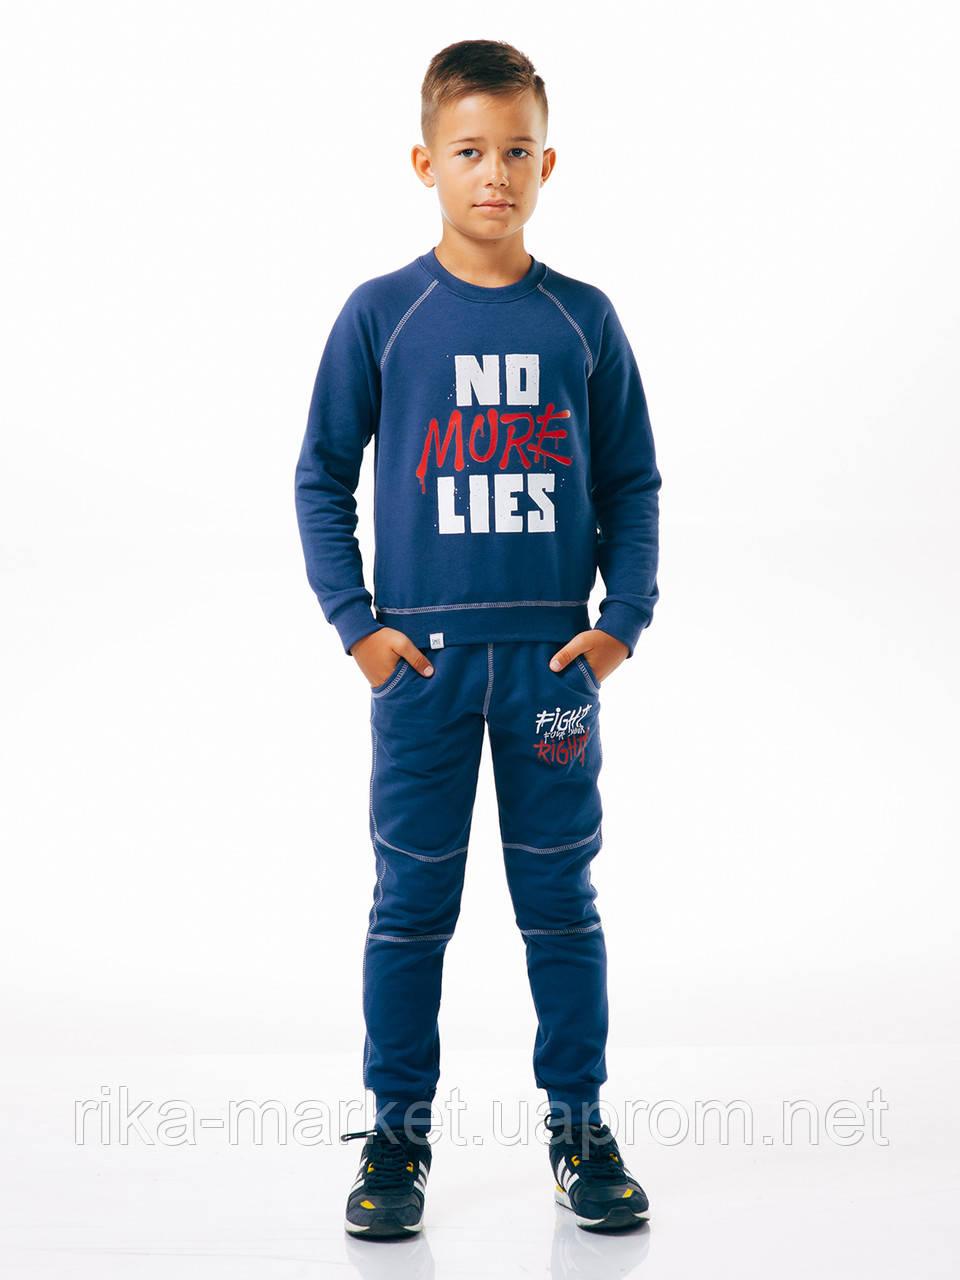 Брюки для мальчика, арт. 115337, возраст 9 лет